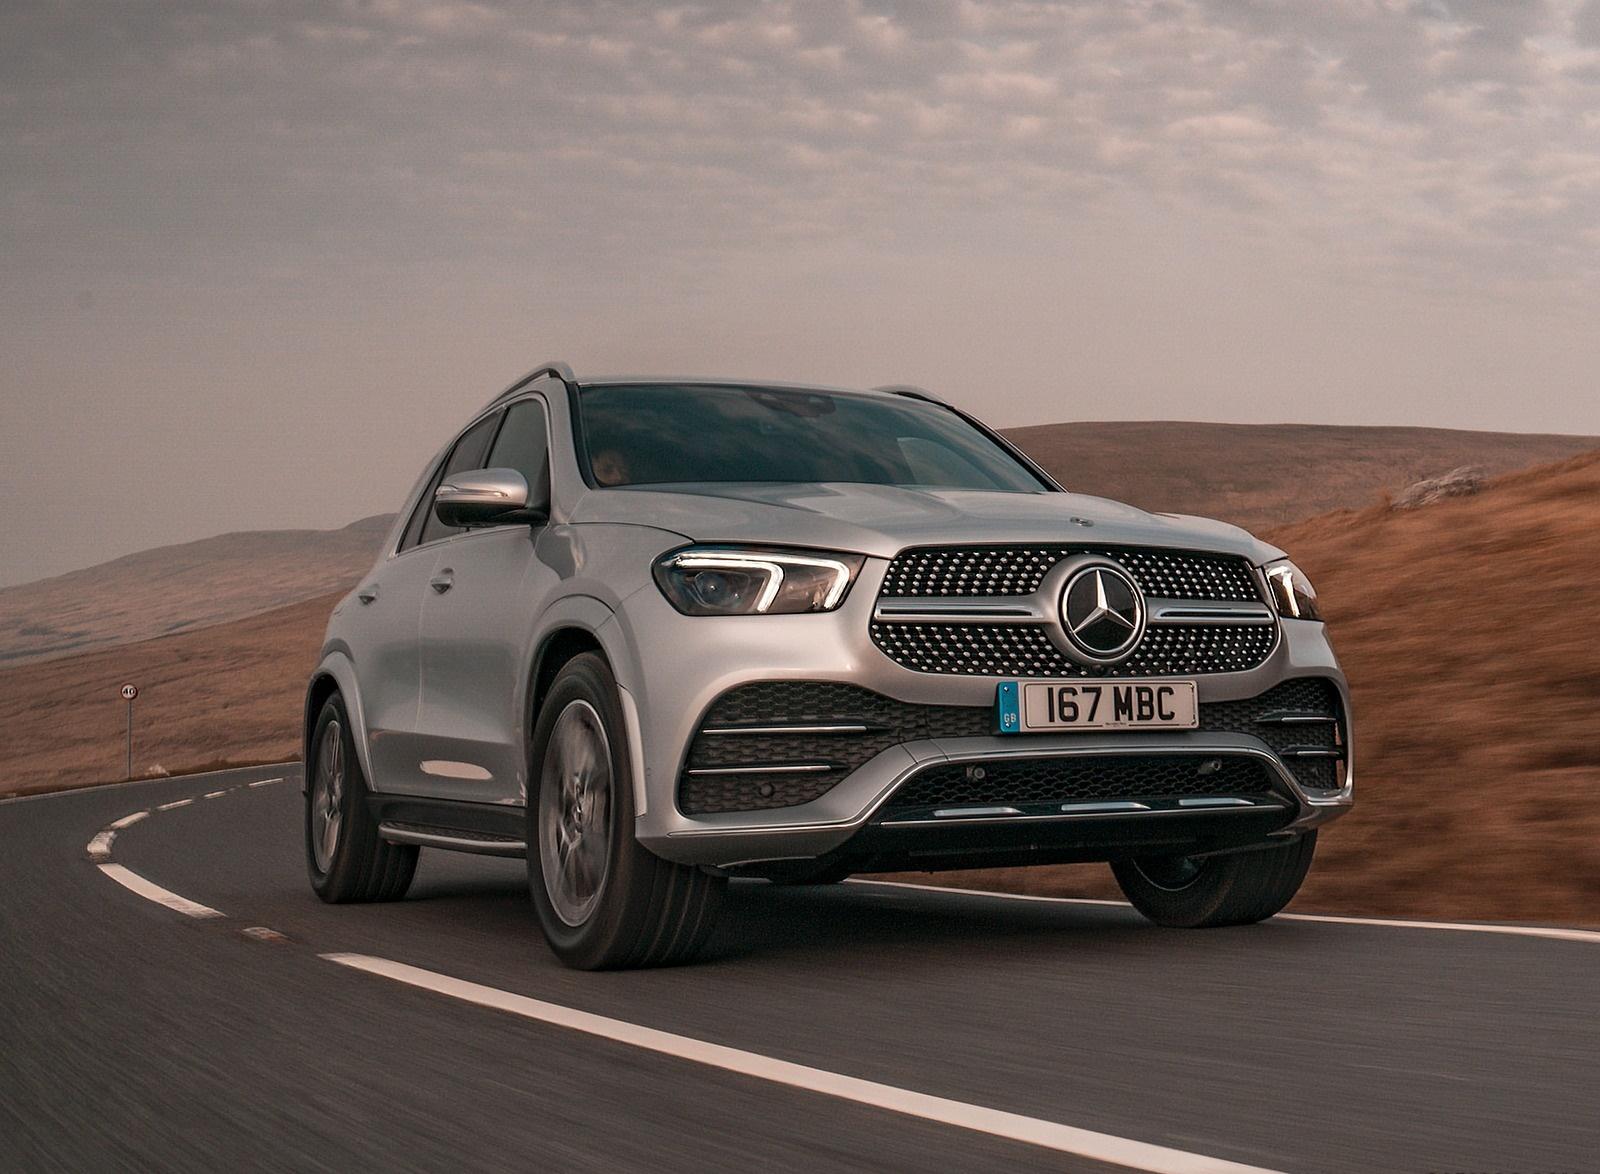 2020 Mercedes-Benz GLE 300d (UK-Spec) Front Three-Quarter Wallpapers (5)